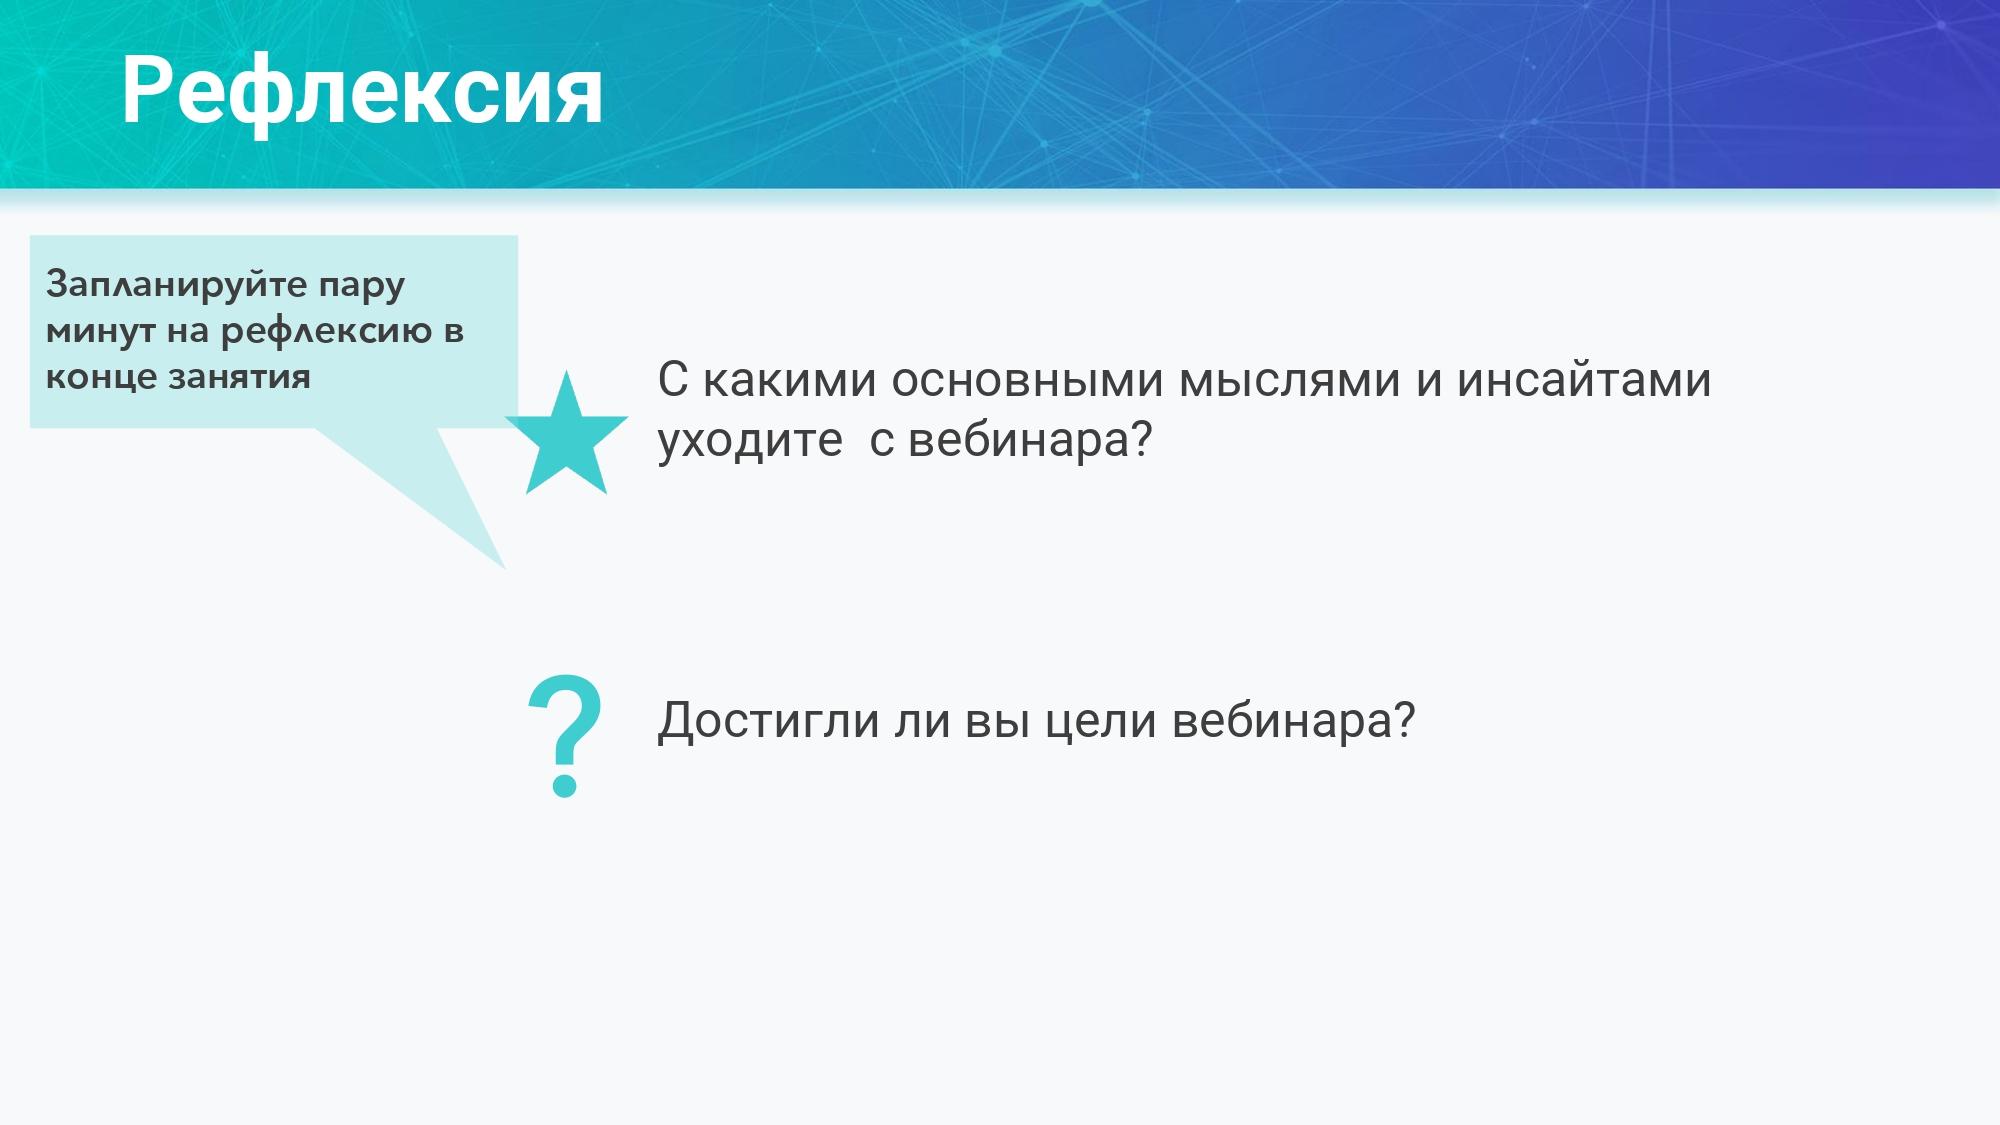 Шаблон_презентации_вебинара_в_новом_дизайне_с_подсказками_page_0012-73510-c1c8f3.jpg